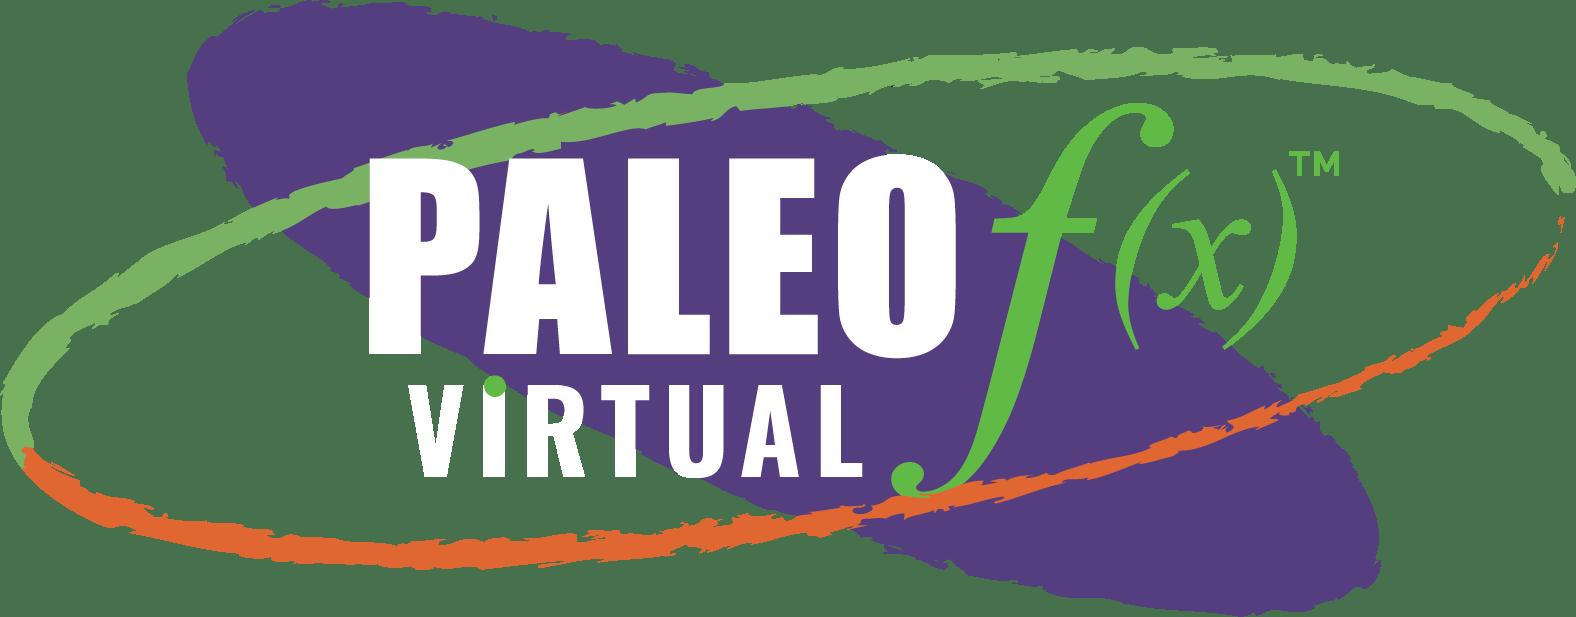 'Paleo